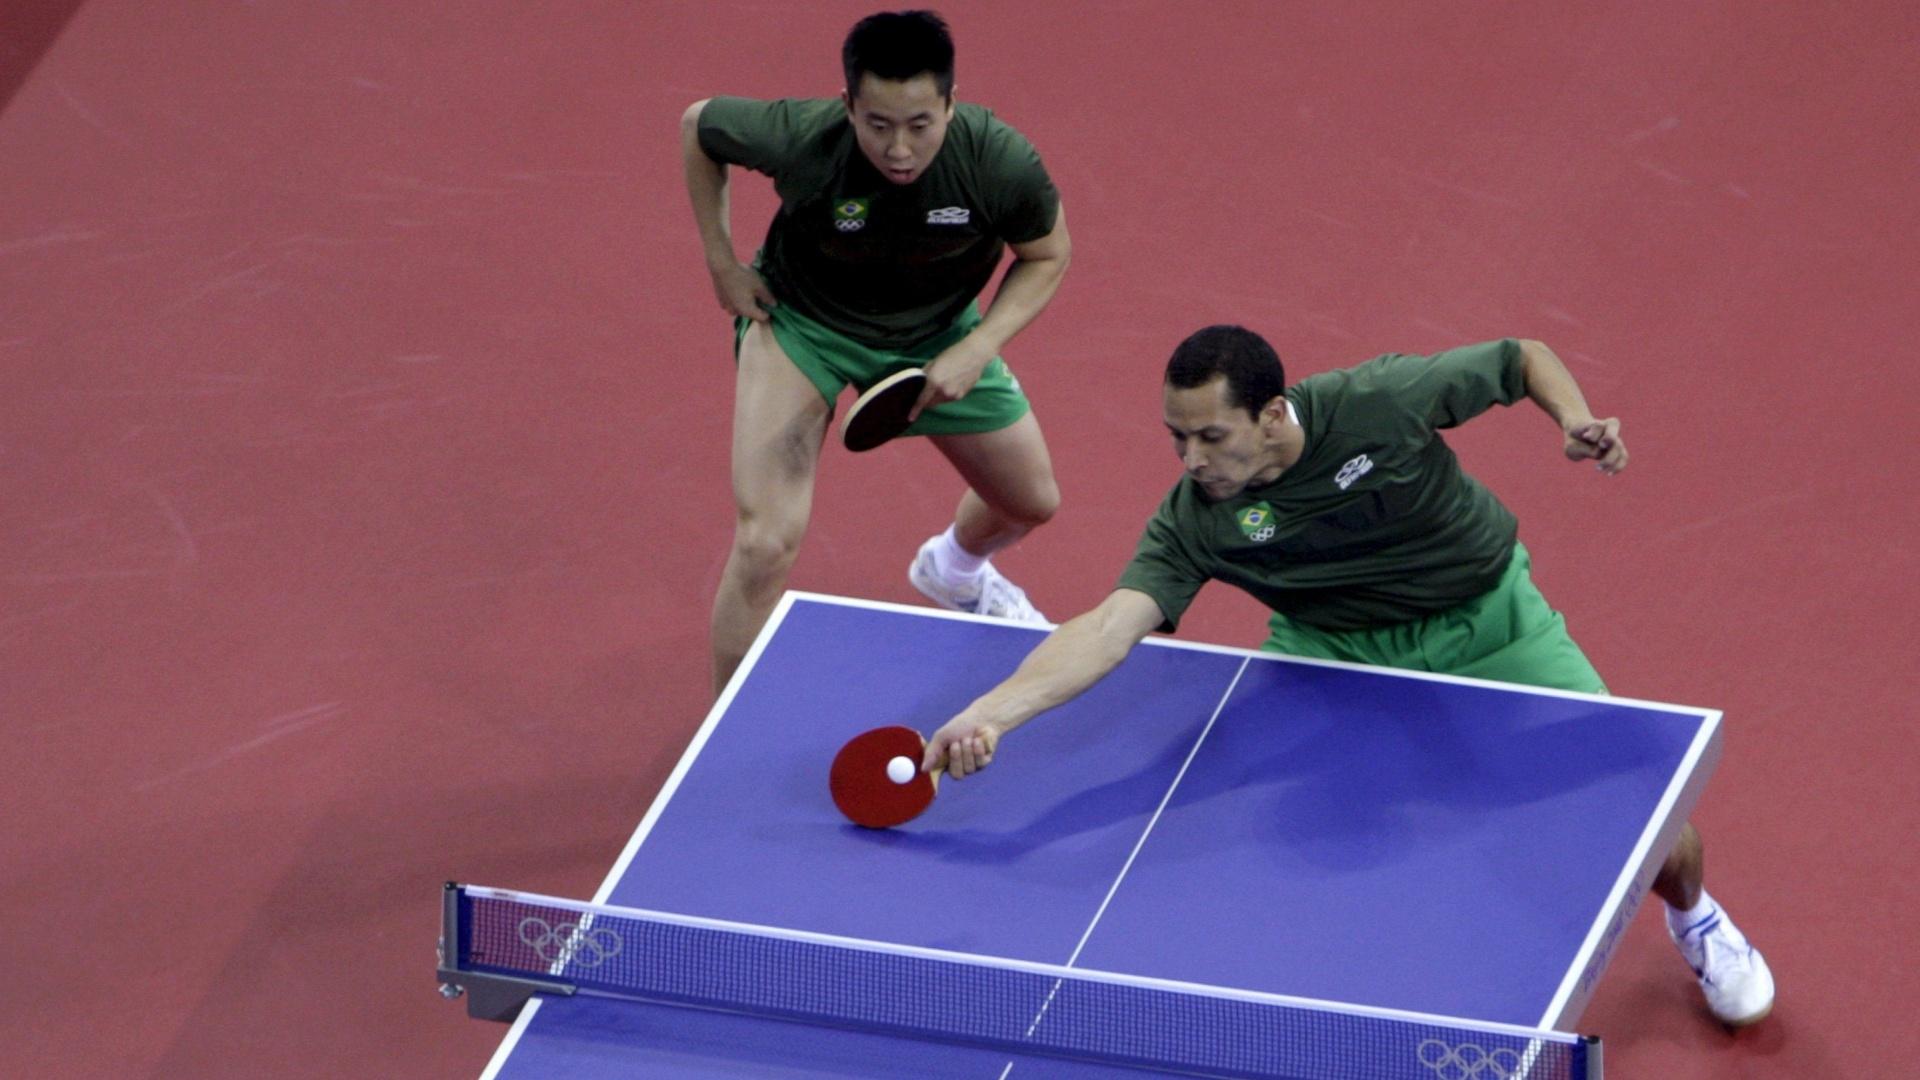 Thiago Monteiro (dir.) e Gustavo Tsuboi (esq.) em partida nos Jogos Olímpicos de Pequim